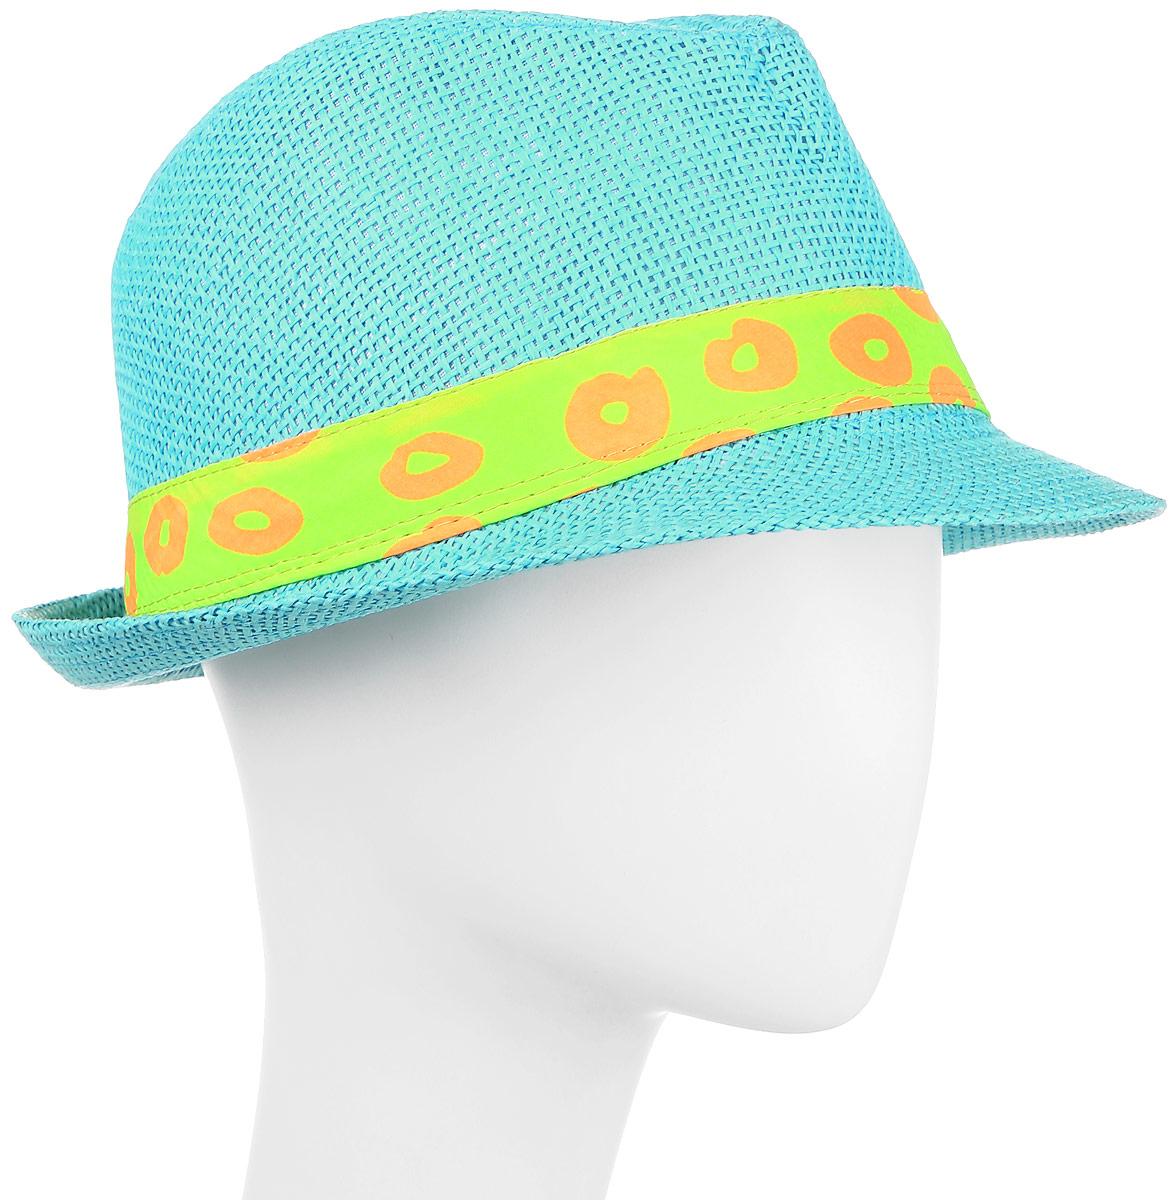 Шляпа женская Maxval, цвет: голубой. HtY131011. Размер 56HtY131011Модная шляпа Maxval выполнена из качественной бумажной соломки. Шляпа с полями дополнена лентой контрастного цвета. Эта модель станет отличным аксессуаром и дополнит ваш повседневный образ.